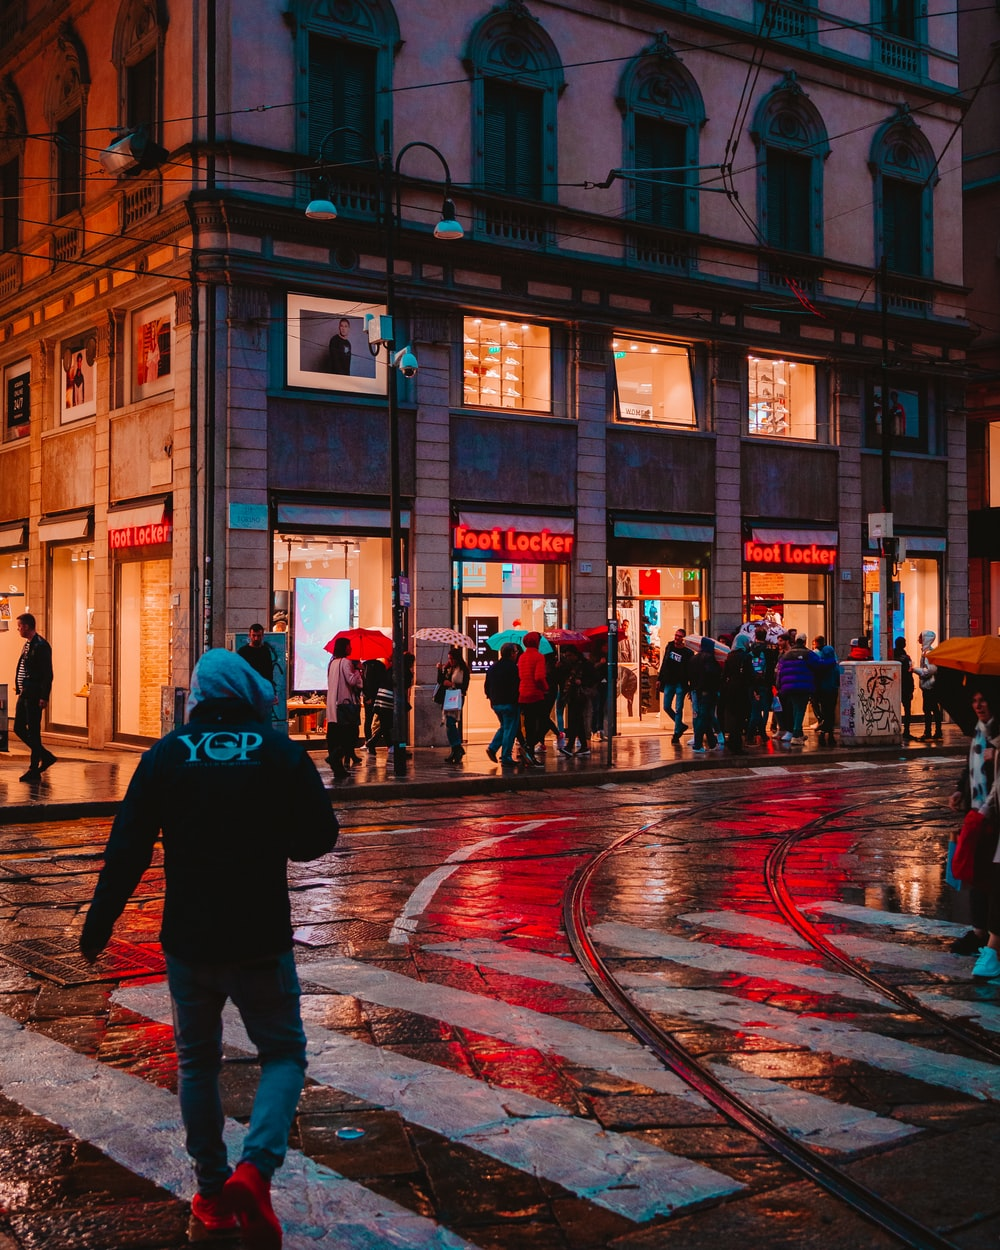 people walk on the street near Foot Locker store